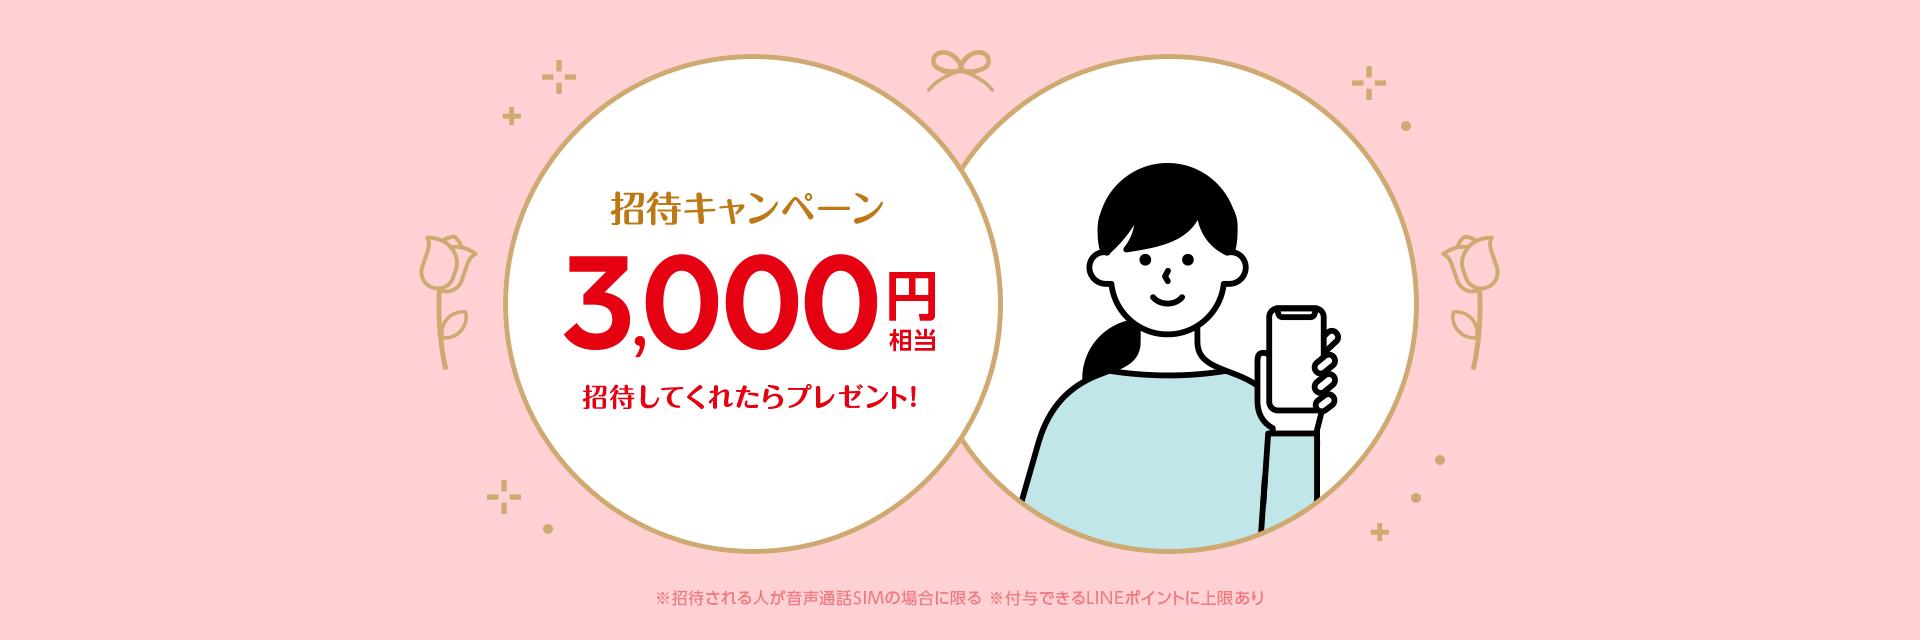 LINEモバイル紹介キャンペーン